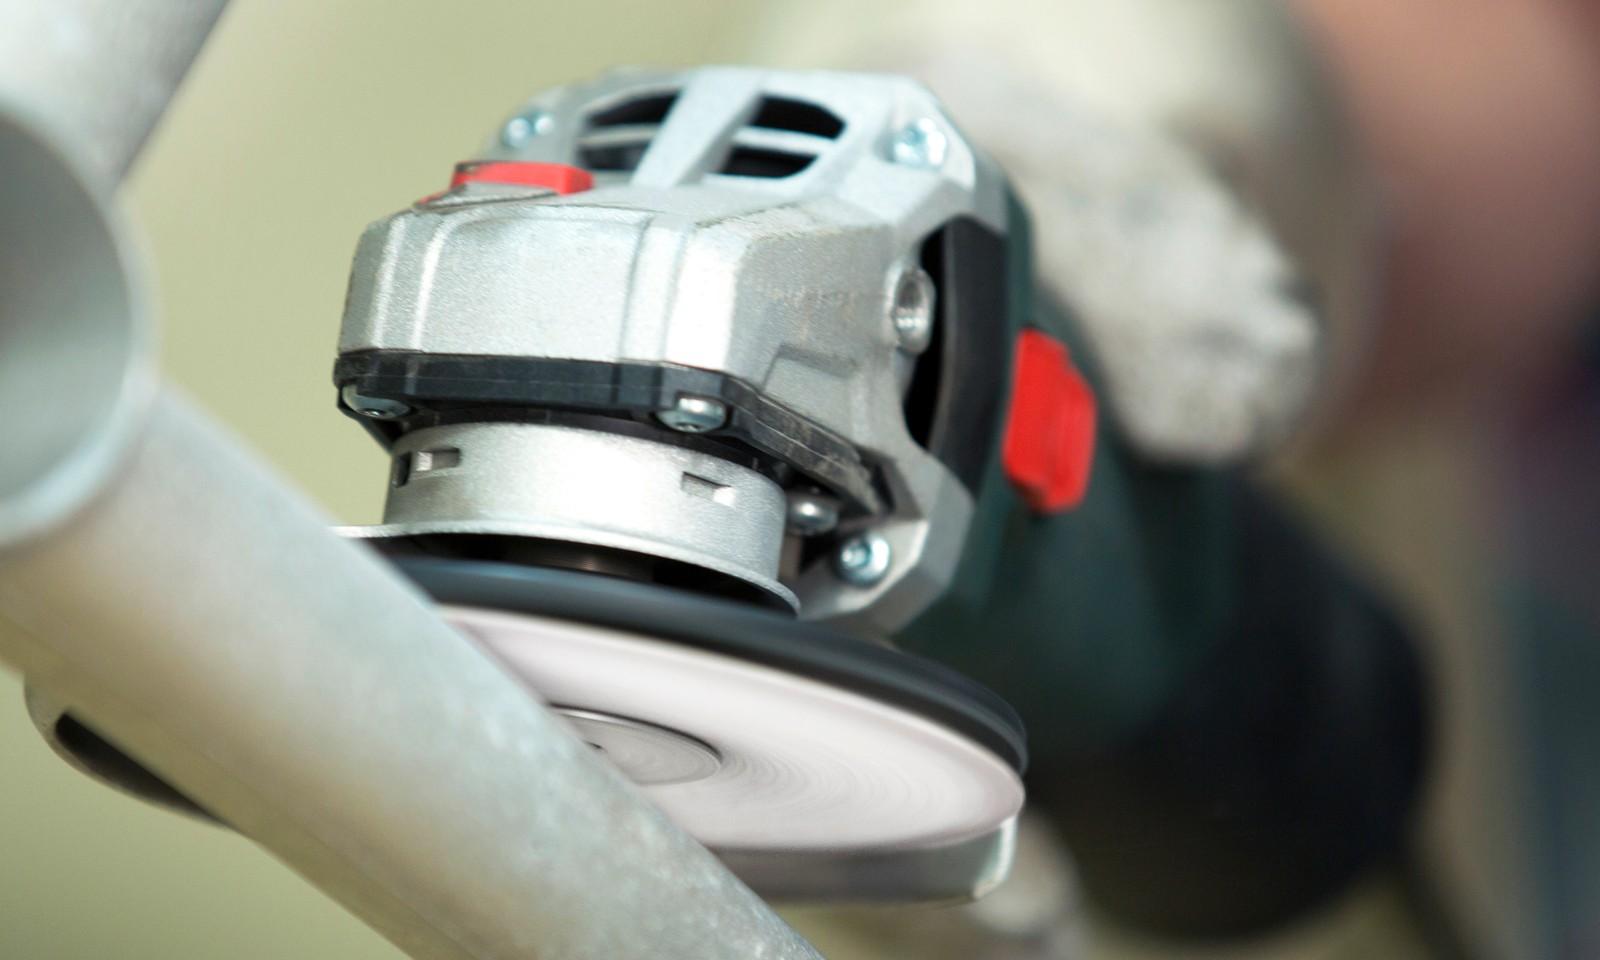 XF733 erzielt doppelten Abtrag und doppelte Standzeit beim Schleifen von NE-Metallen, so der Hersteller VSM.